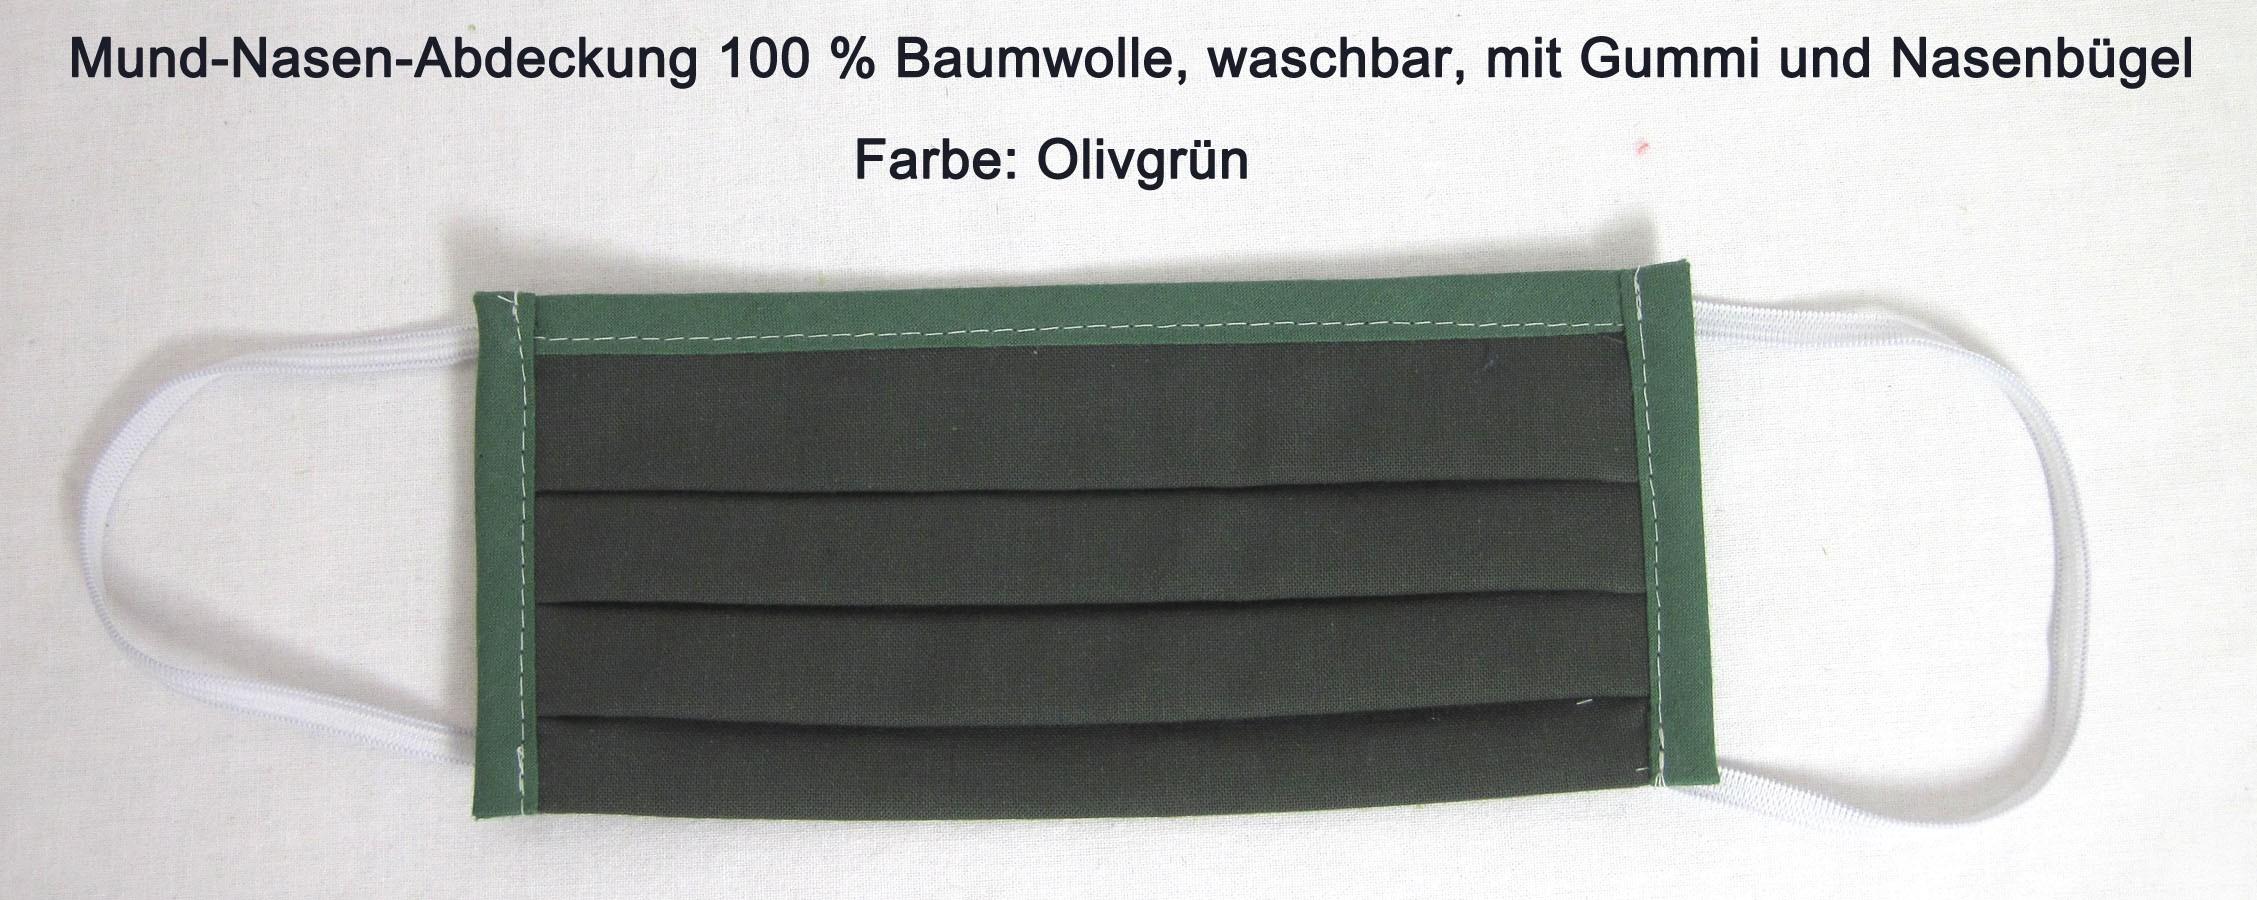 Waschbare Mund-Nasen-Abdeckung aus 100 % Bw ca. 17x10 cm olivegrün mit Gummi